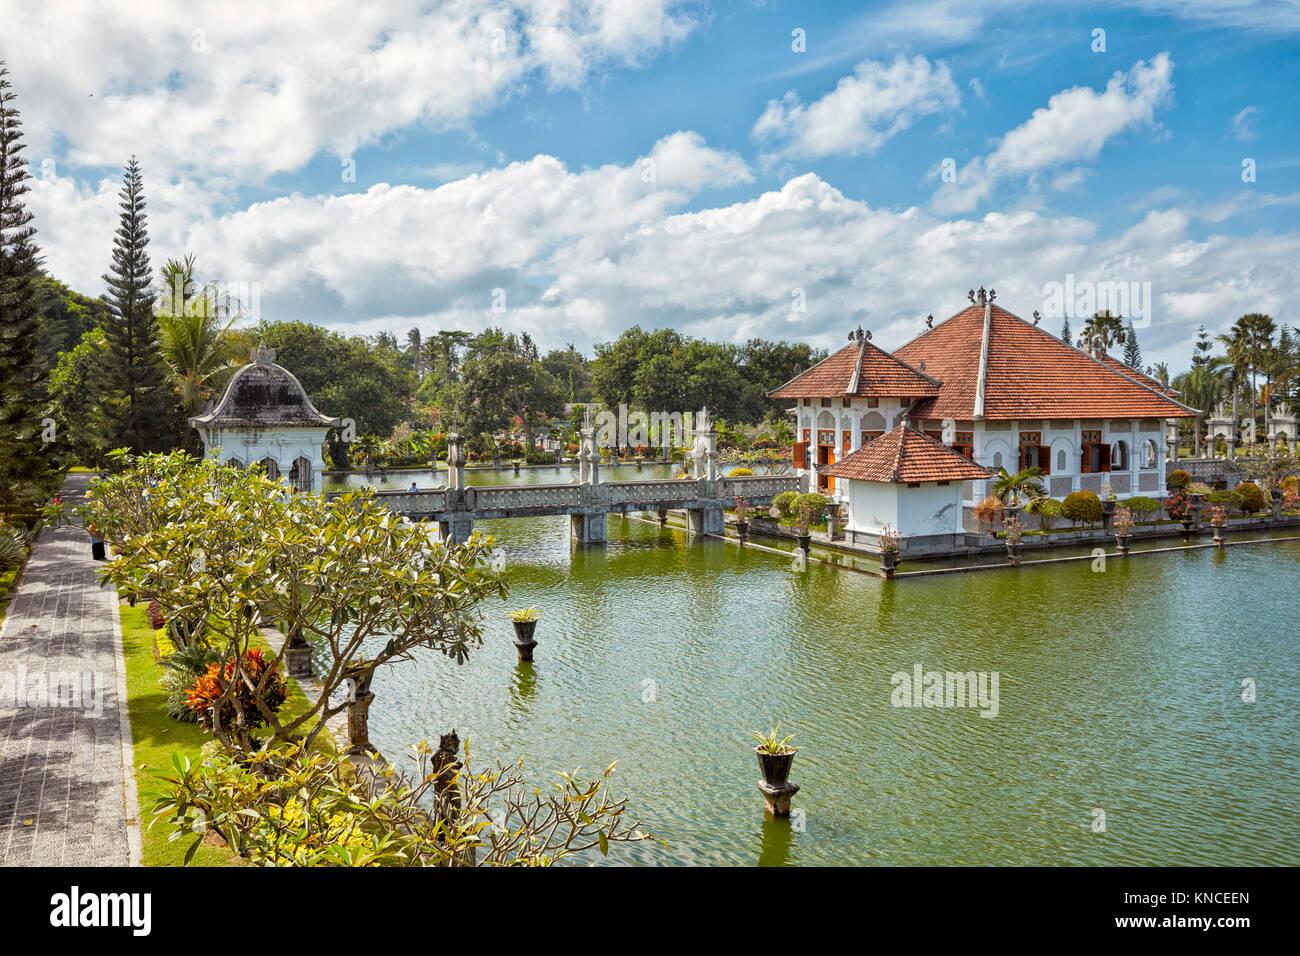 Il GILI Balla, edificio principale dell'acqua Ujung Palace (Taman Ujung), noto anche come Parco Sukasada. Karangasem Immagini Stock